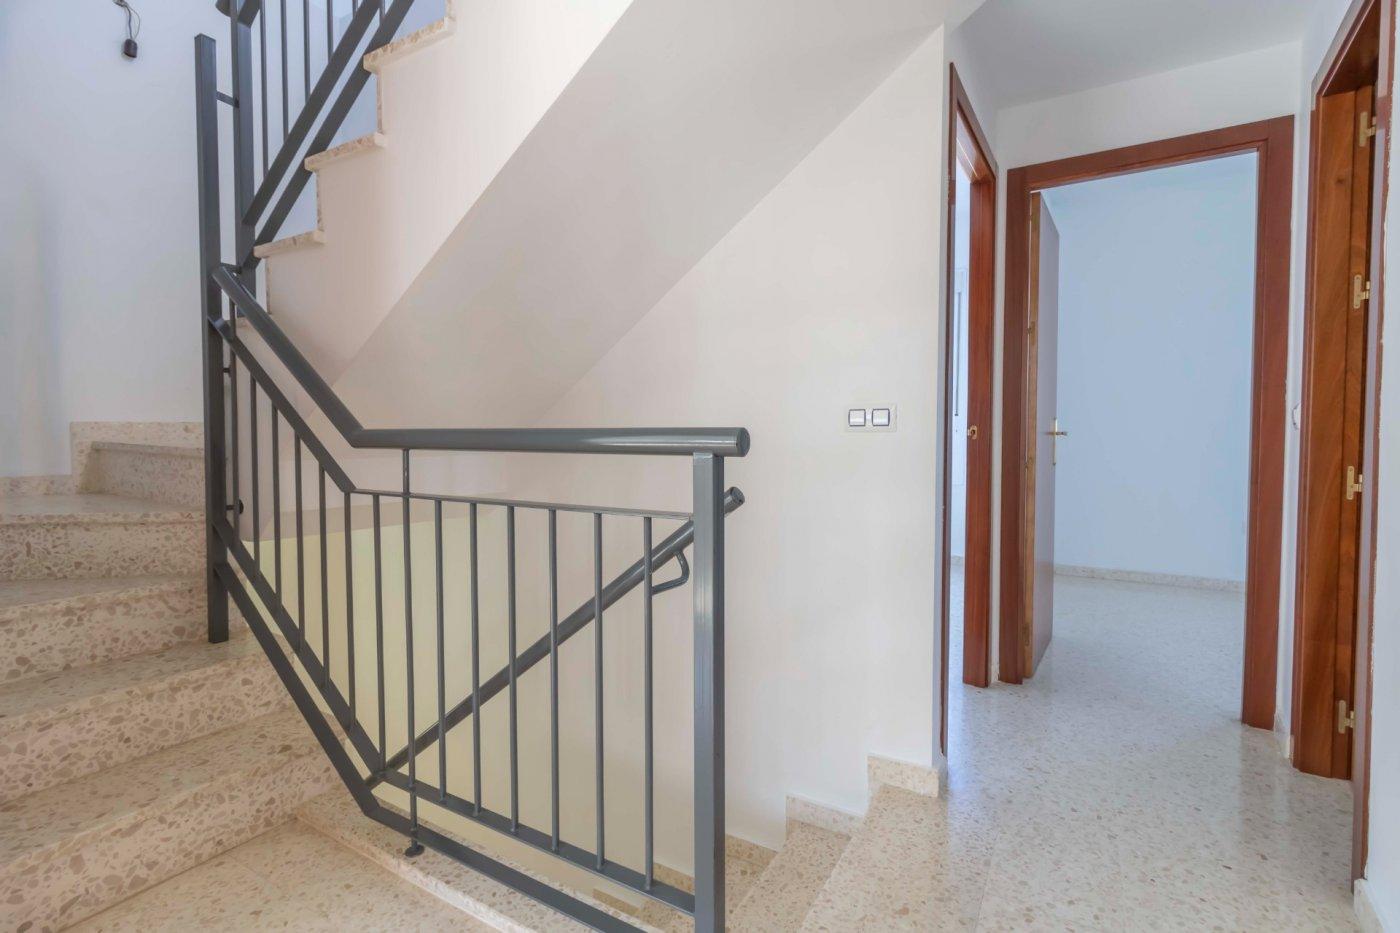 Casa · Mairena Del Alcor · MAIRENA  DEL ALCOR 135.000€€